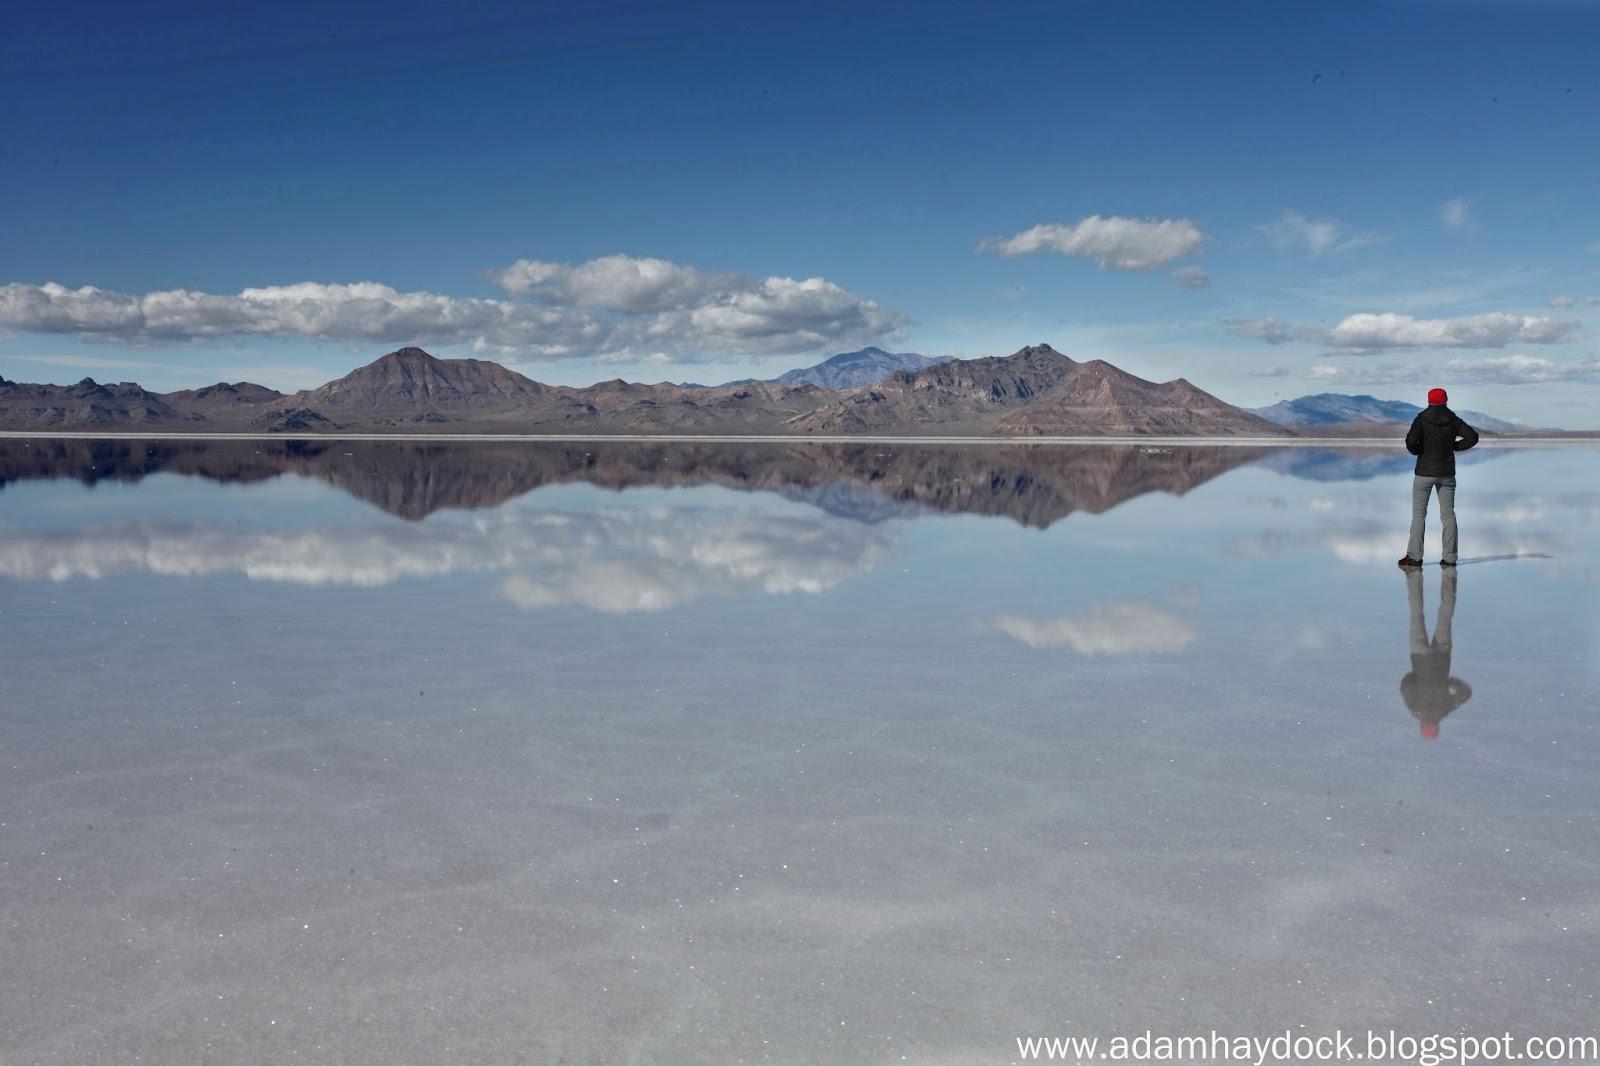 Bonneville Salt Flats Winter